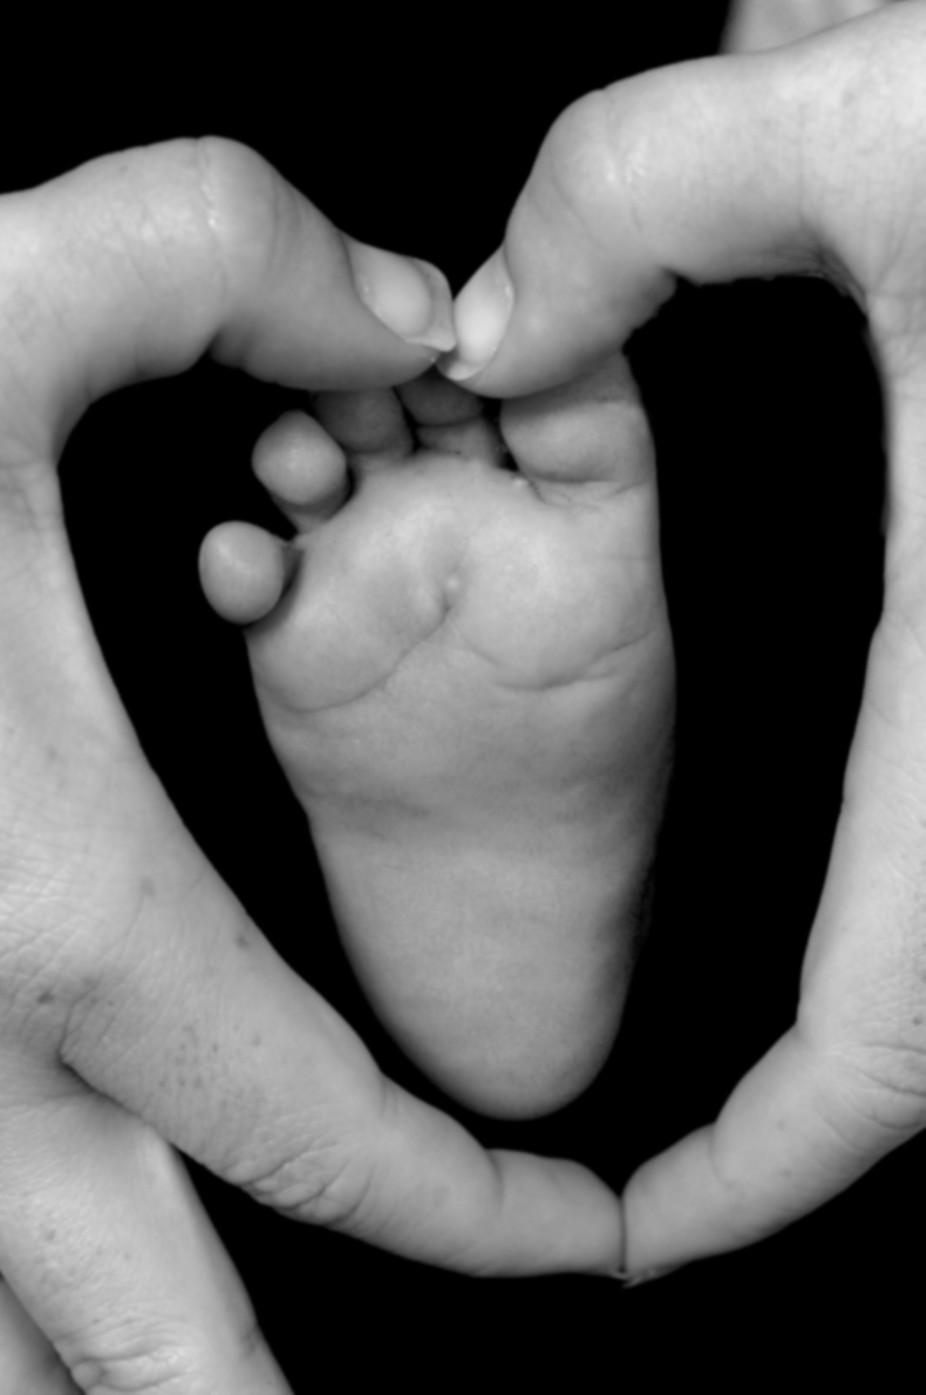 BABIES FOOT